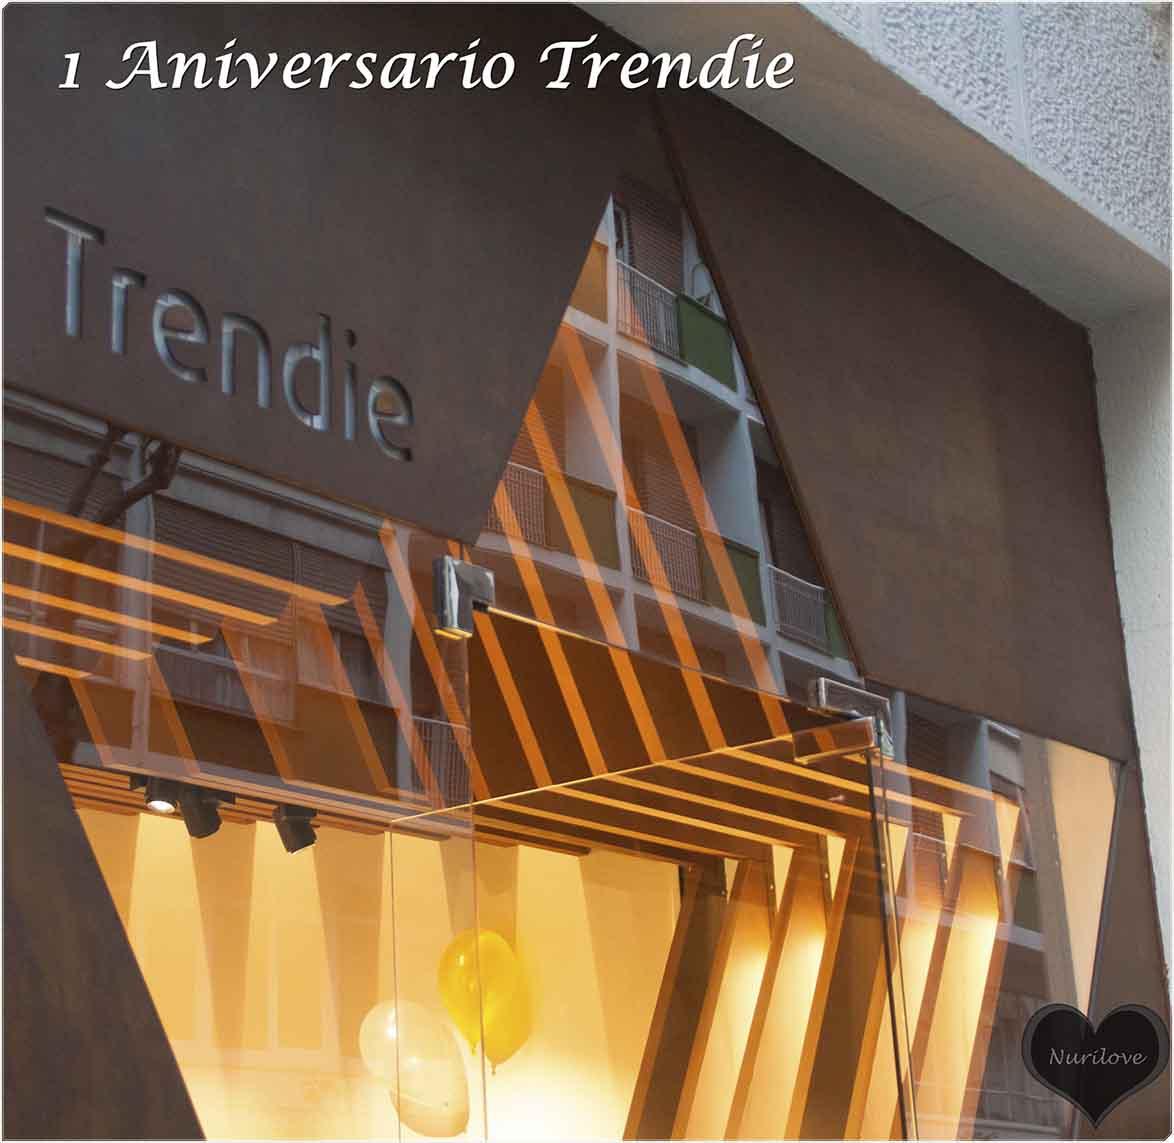 Primer aniversario tienda de moda Trendie